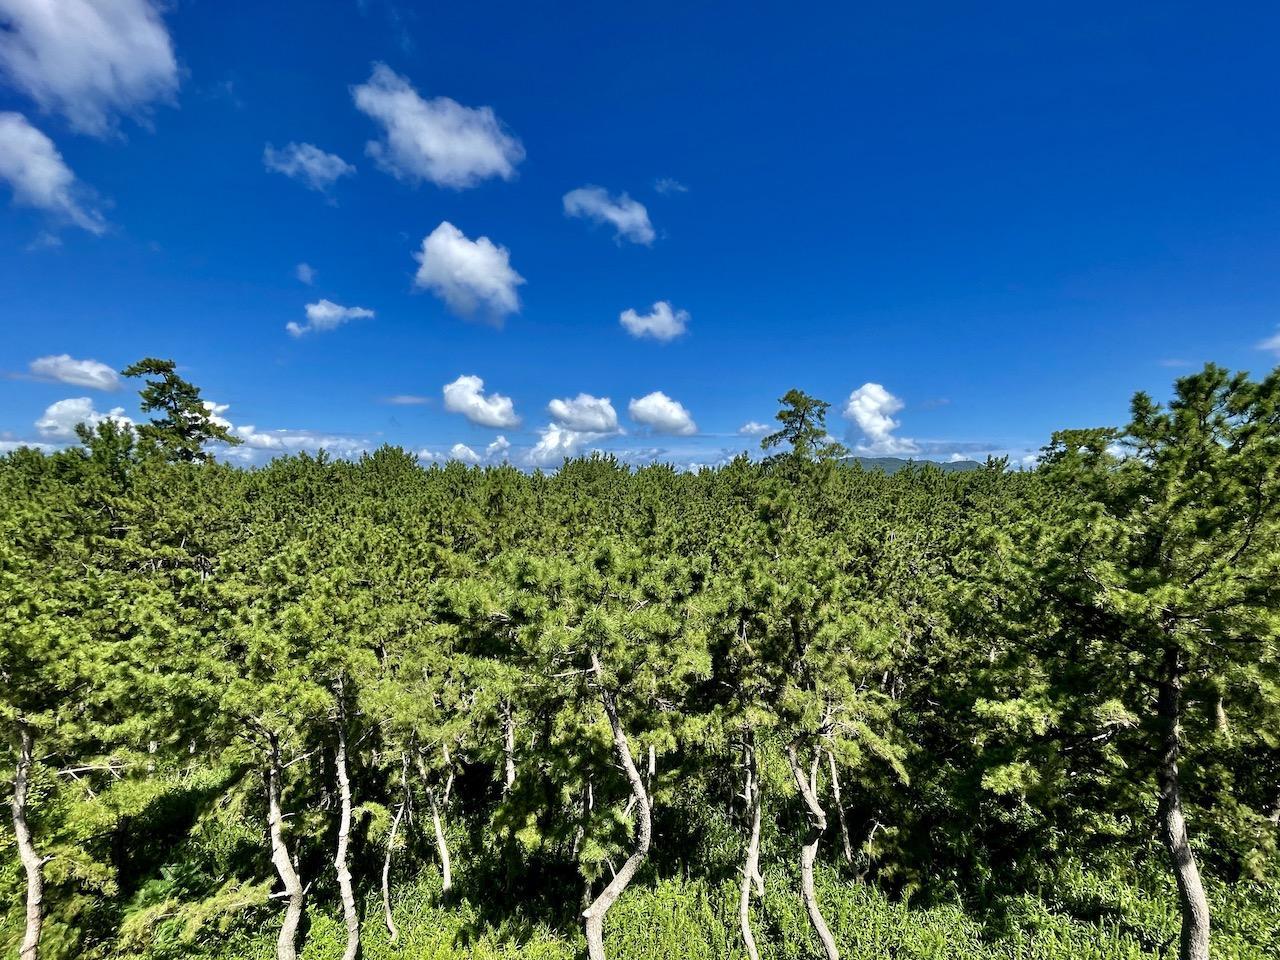 シーサイド・ジャングル (福岡市西区生の松原の物件) - 福岡R不動産